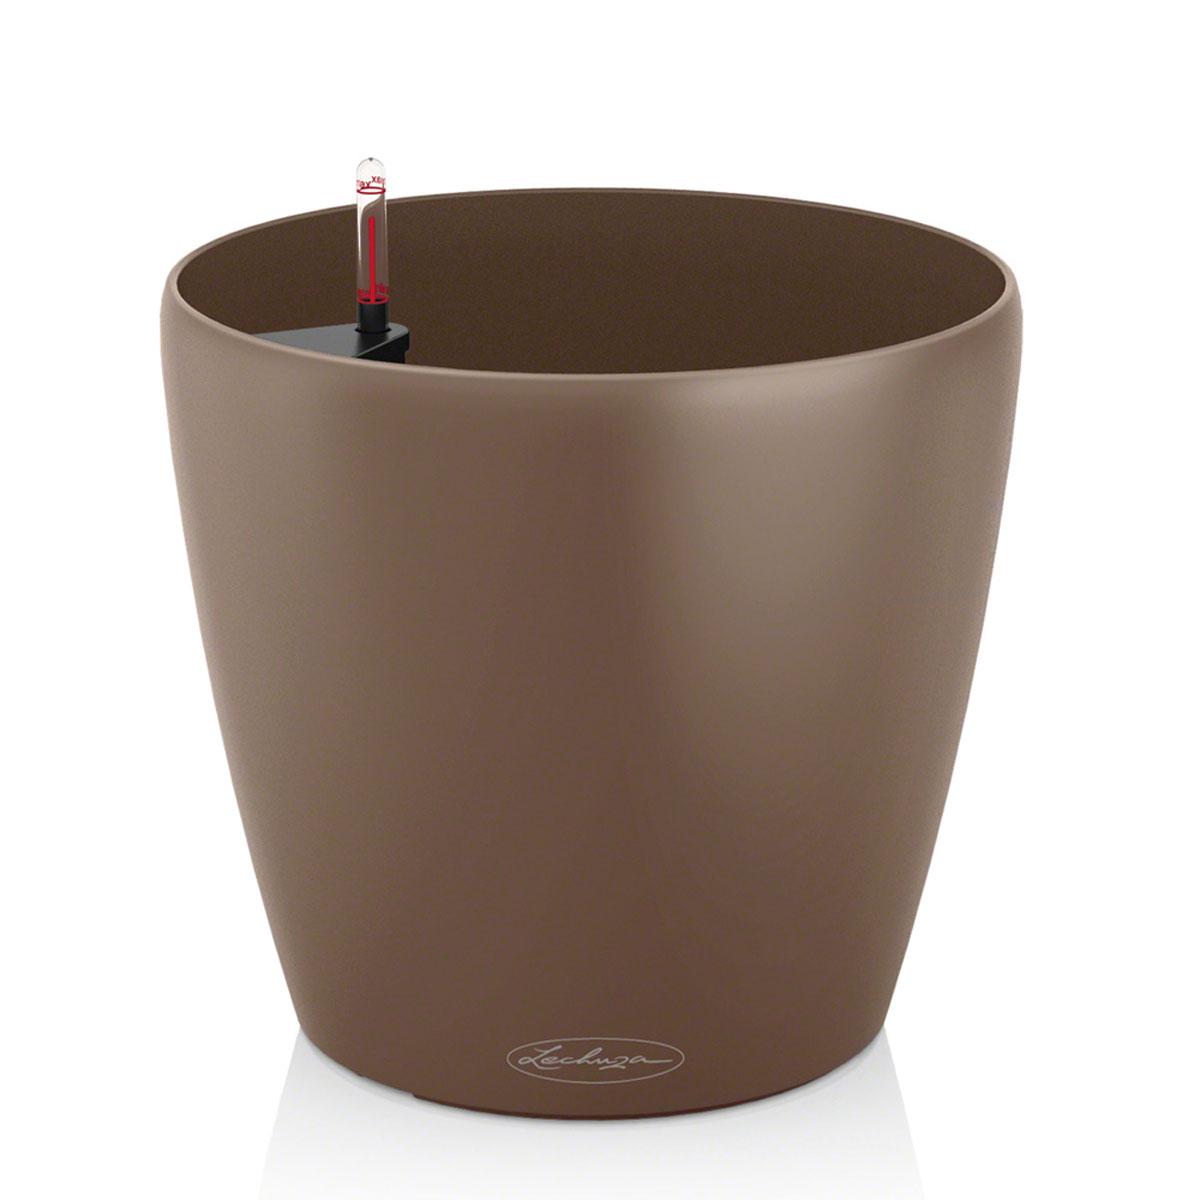 Кашпо Lechuza Color Classico, с системой автополива, цвет: мускатный орех, диаметр 28 см13203Кашпо Lechuza Color Classico, изготовленное из высококачественного пластика, идеальное решение для тех, кто регулярно забывает поливать комнатные растения. Стильный дизайн позволит украсить растениями дом, офис, кафе или любое другое помещение. Кашпо Lechuza Color Classico с системой автополива упростит уход за вашими цветами и поможет растениям получать то количество влаги, которое им необходимо в данный момент времени.В набор входит: кашпо, индикатор уровня воды, субстрат растений в качестве дренажного слоя.Кашпо Lechuza Color Classico прекрасно впишется в интерьер террас, ресторанов и уютных гостиных. Изделие поможет расставить нужные акценты и придаст помещению вид, соответствующий вашим представлениям.